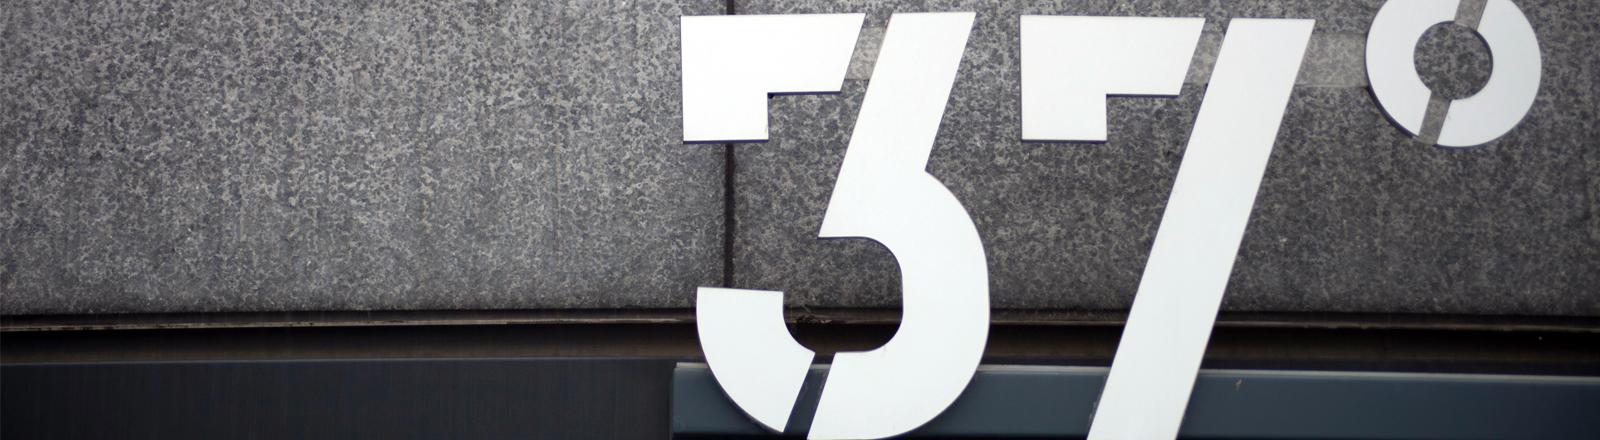 Vor einem Gebäude ist ein Schriftzug mit der Zahl 37